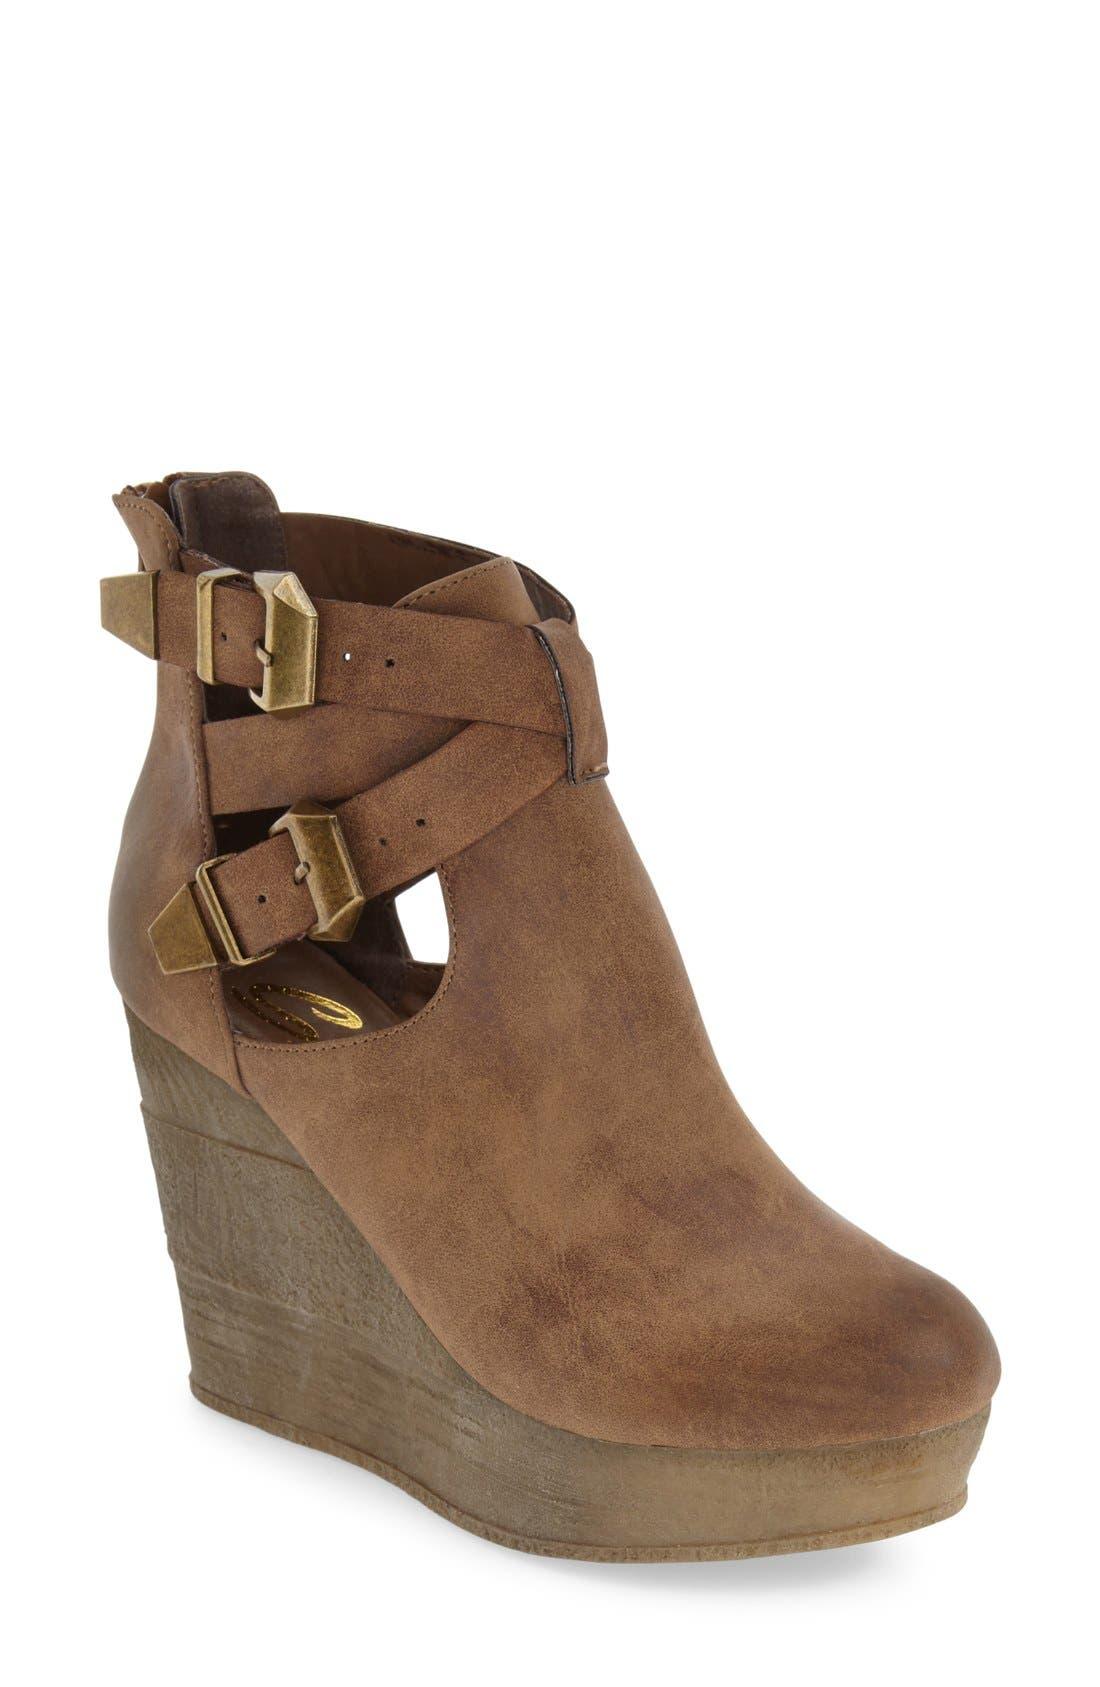 Main Image - Sbicca 'Javiera' Platform Wedge Bootie (Women)